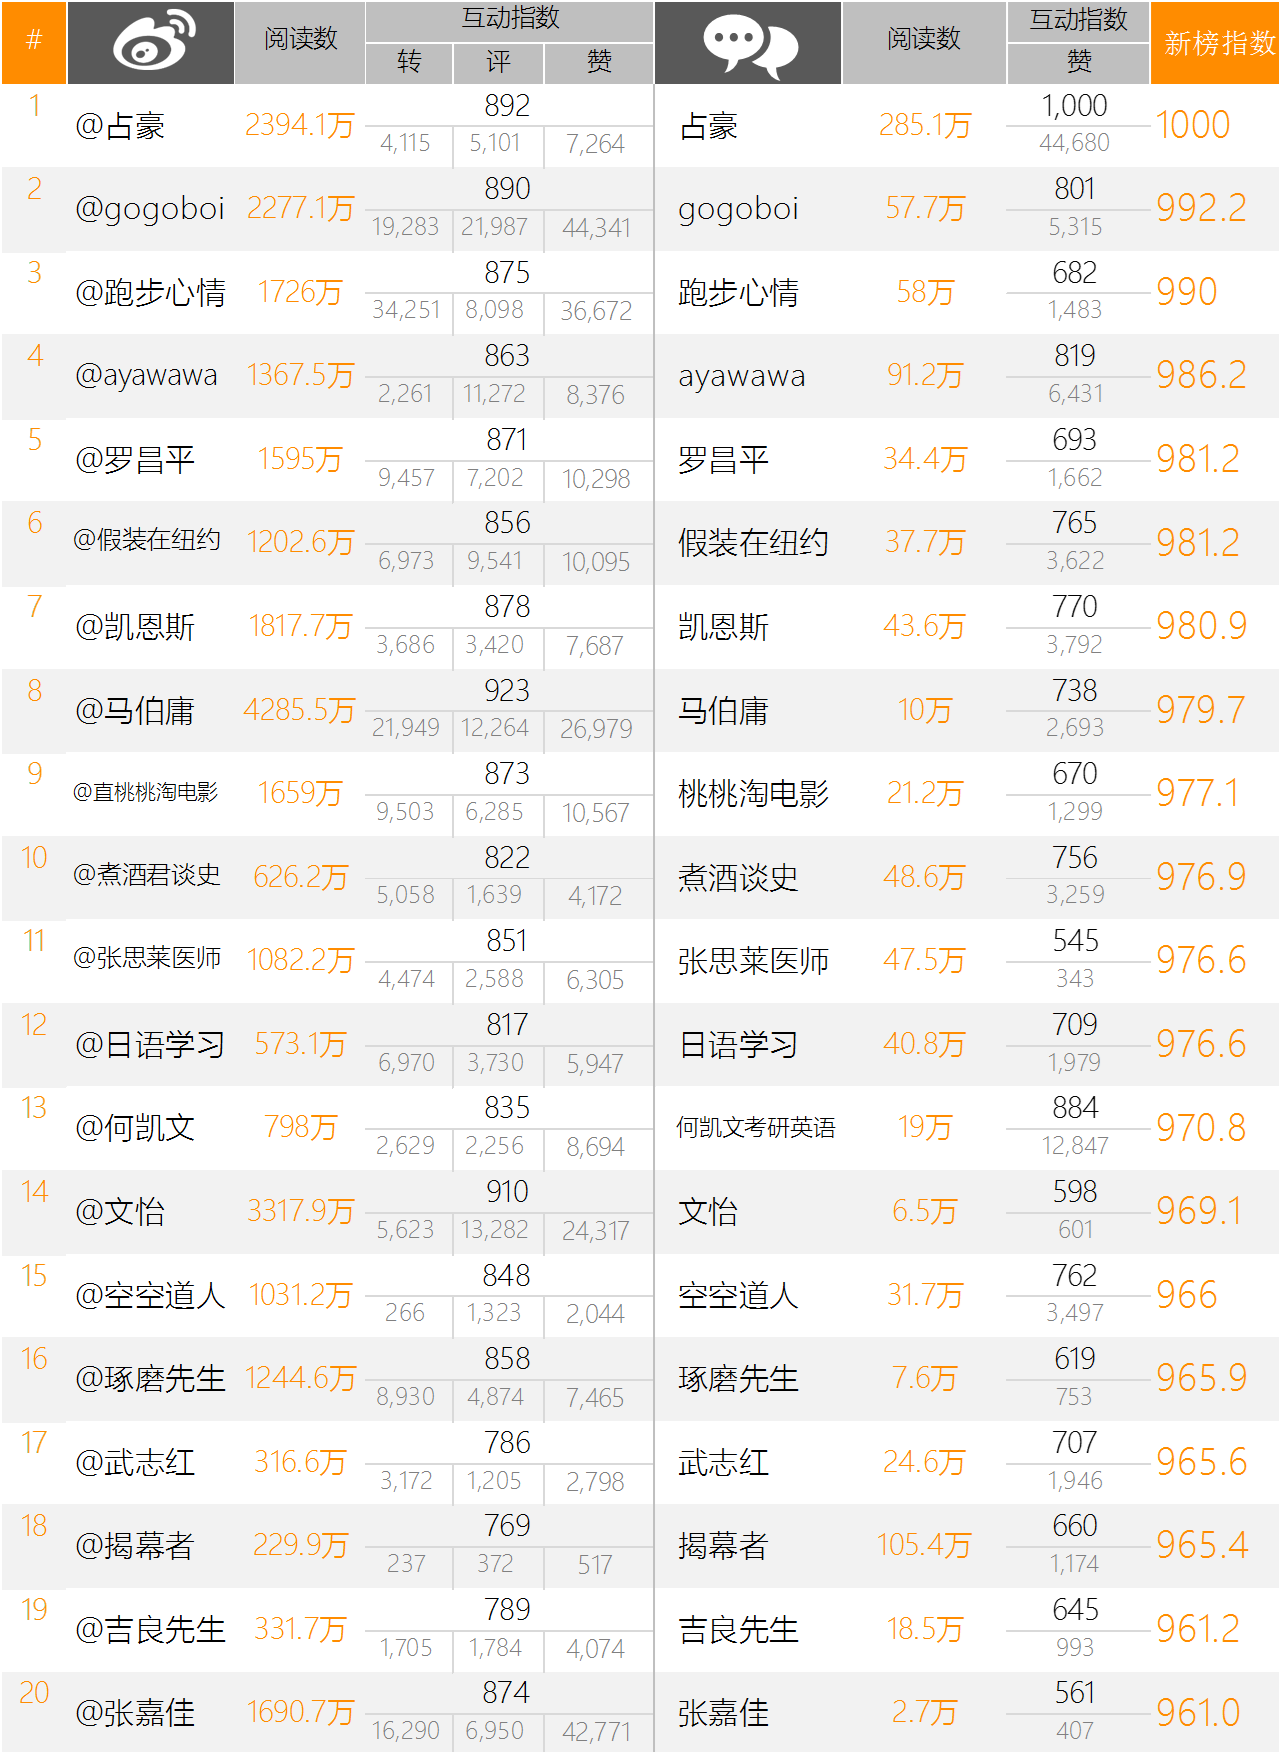 中国自媒体影响力排行榜——微信-微博